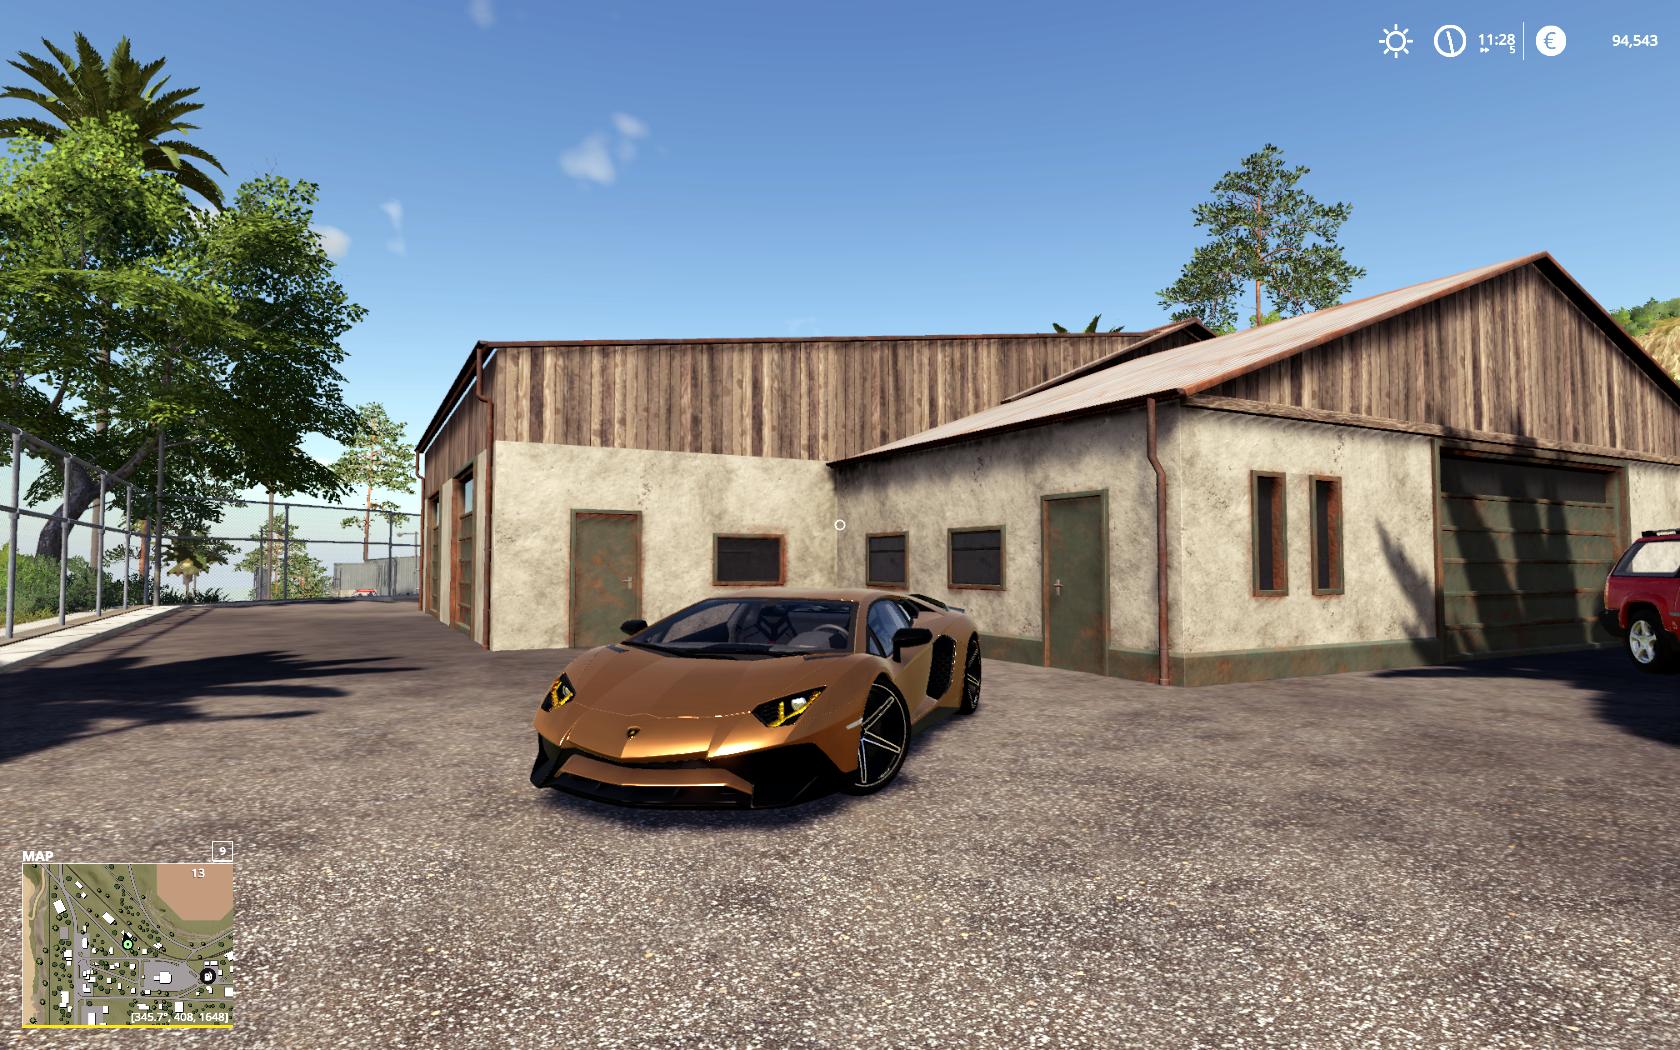 FS 19 Lamborghini Aventador LP750-4 SV V 1 0 - Farming